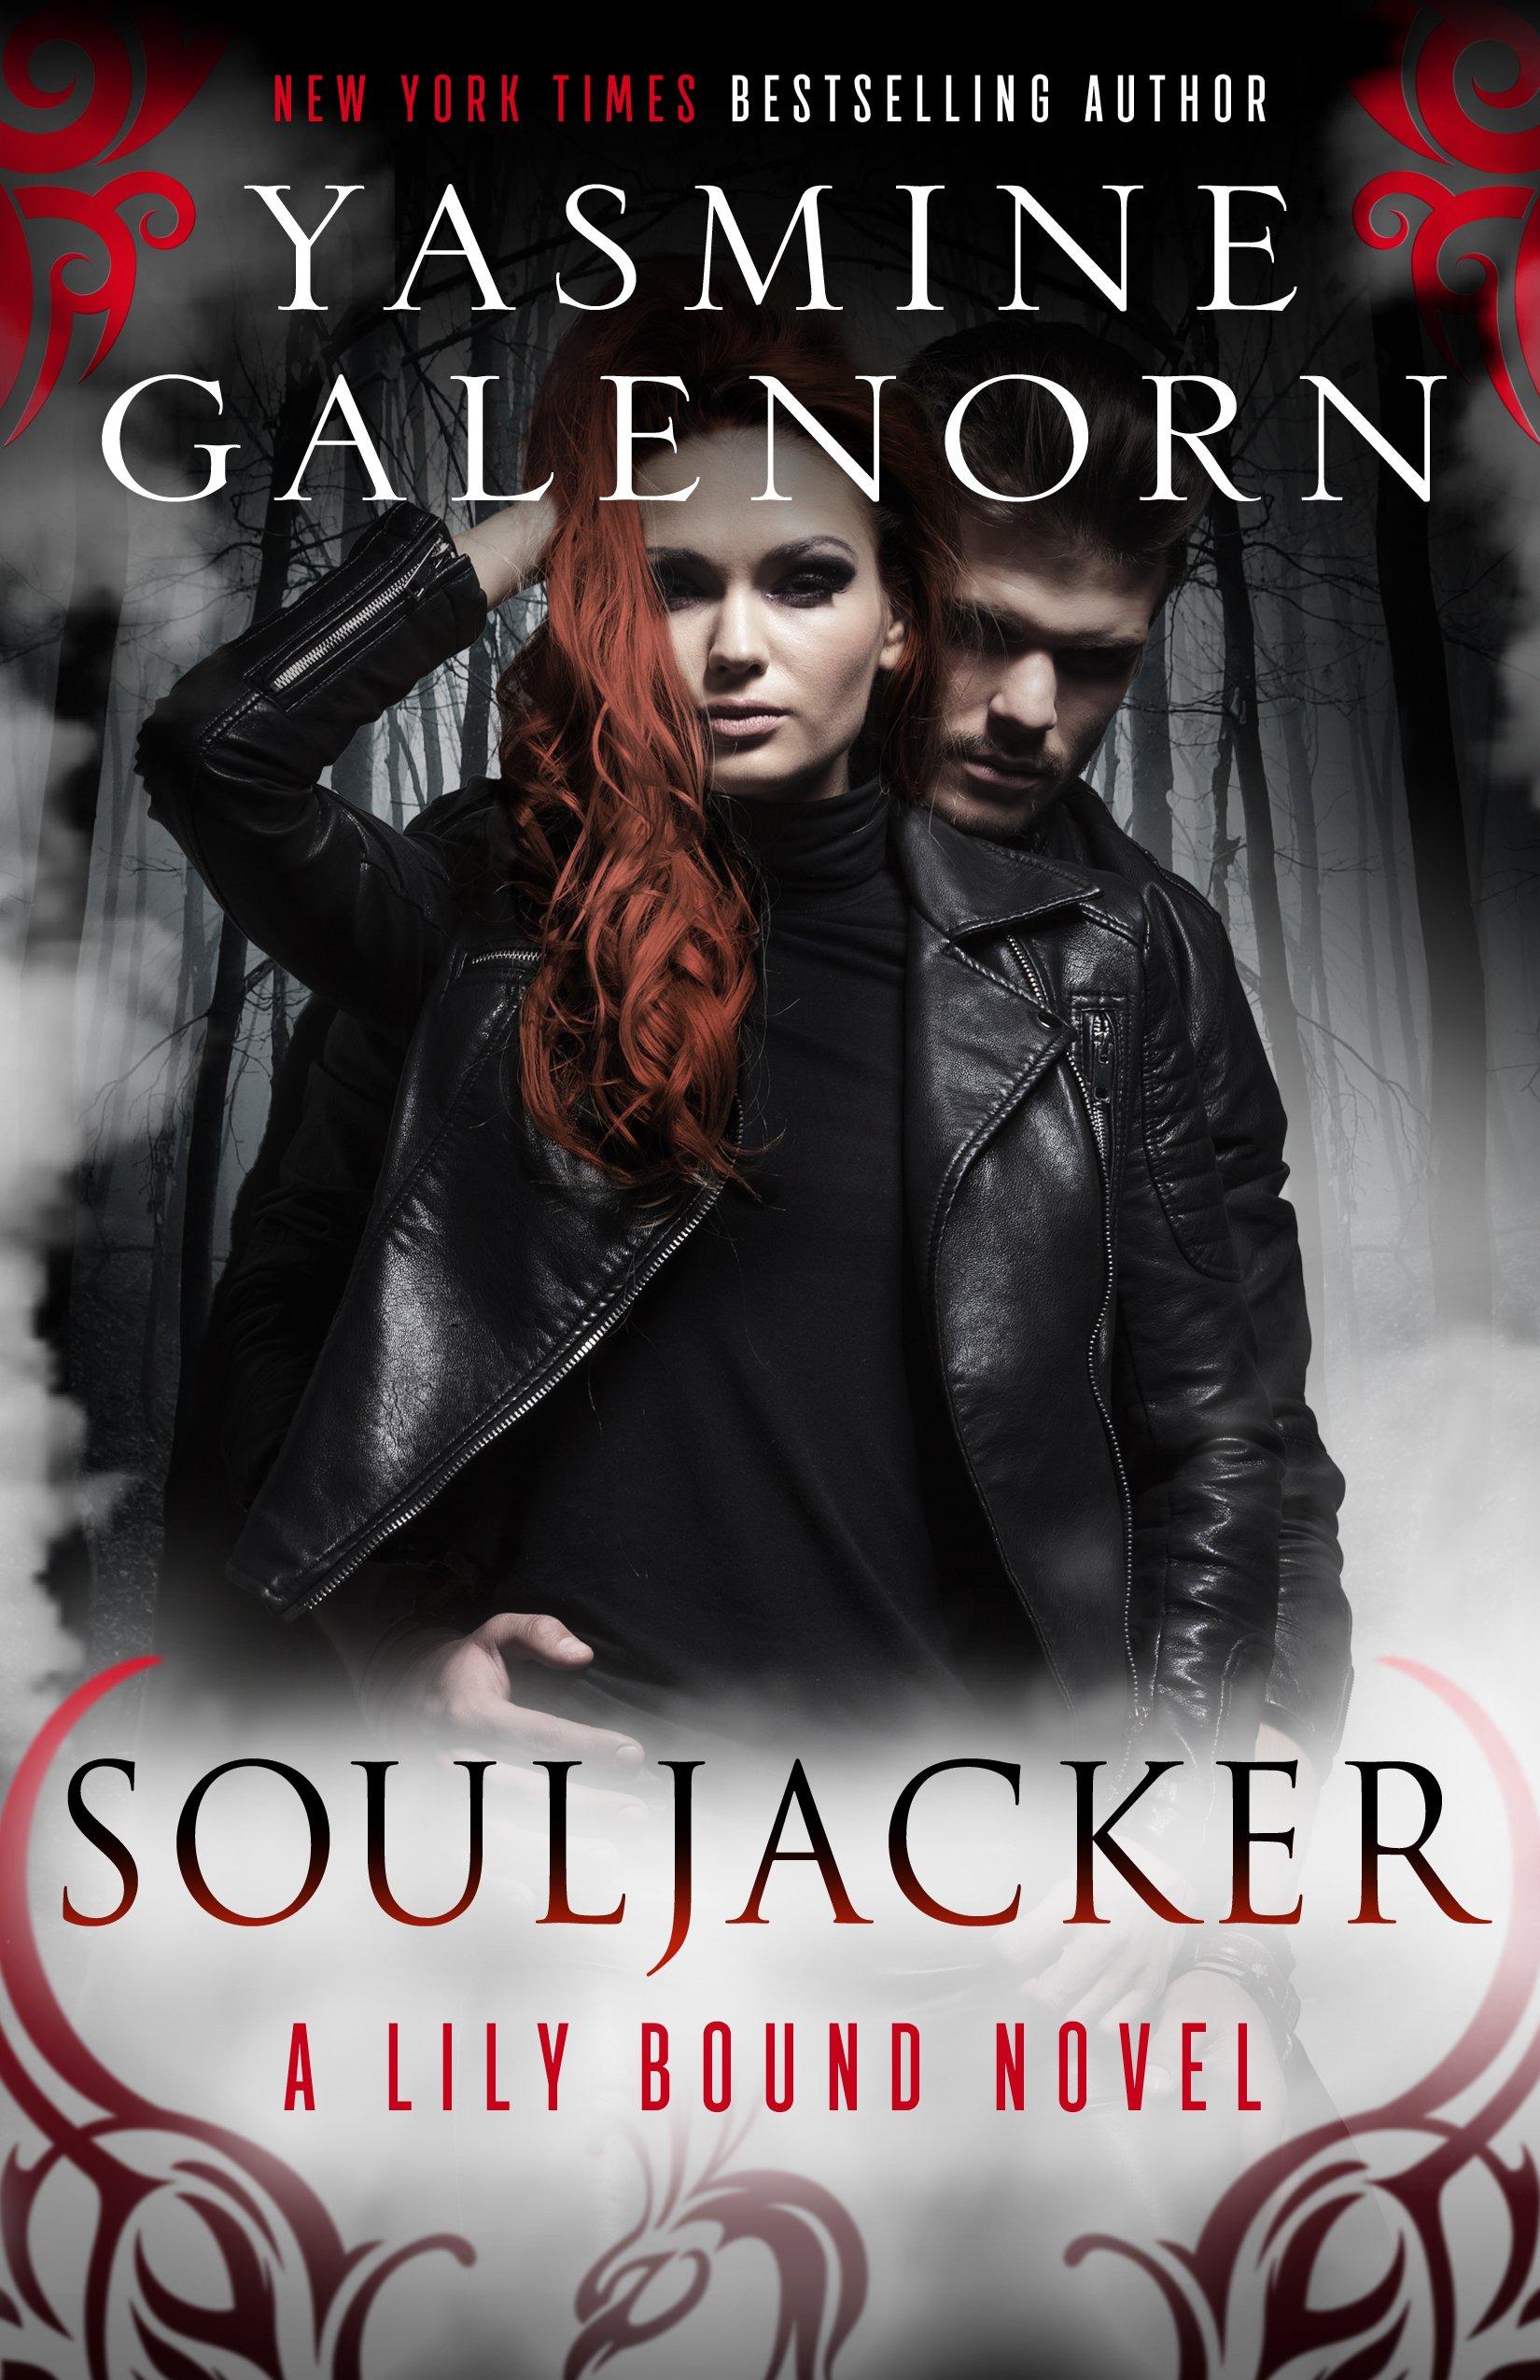 Souljacker Bound Novel Yasmine Galenorn product image